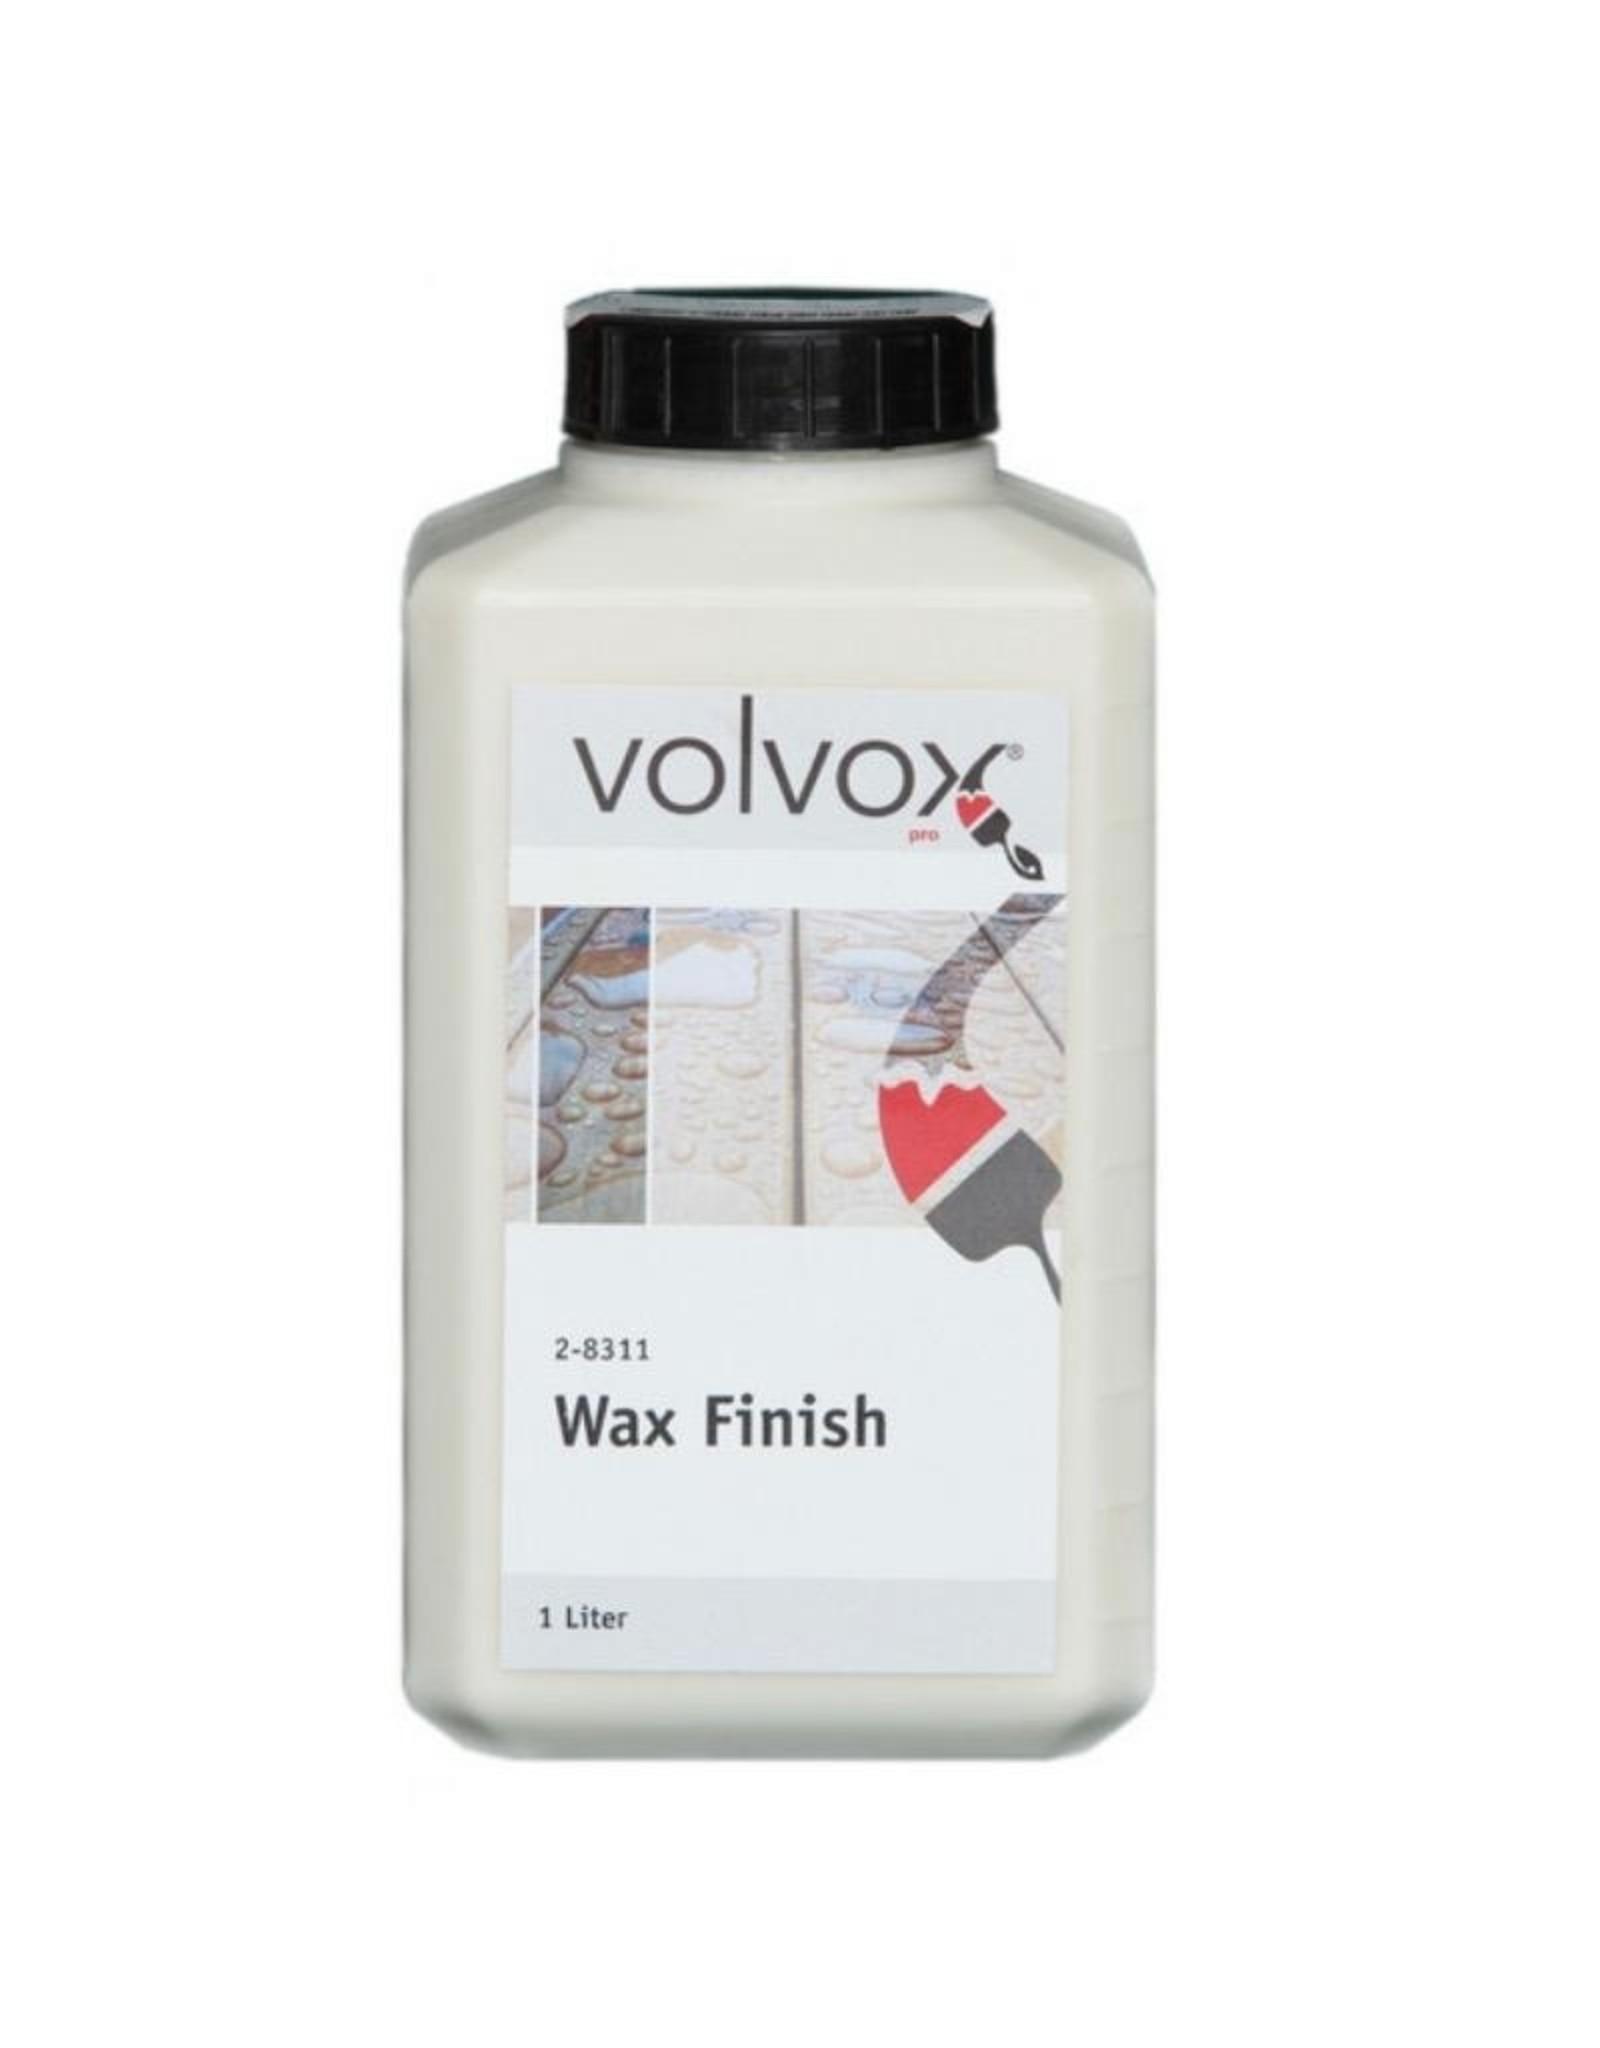 VOLVOX Wax Finish